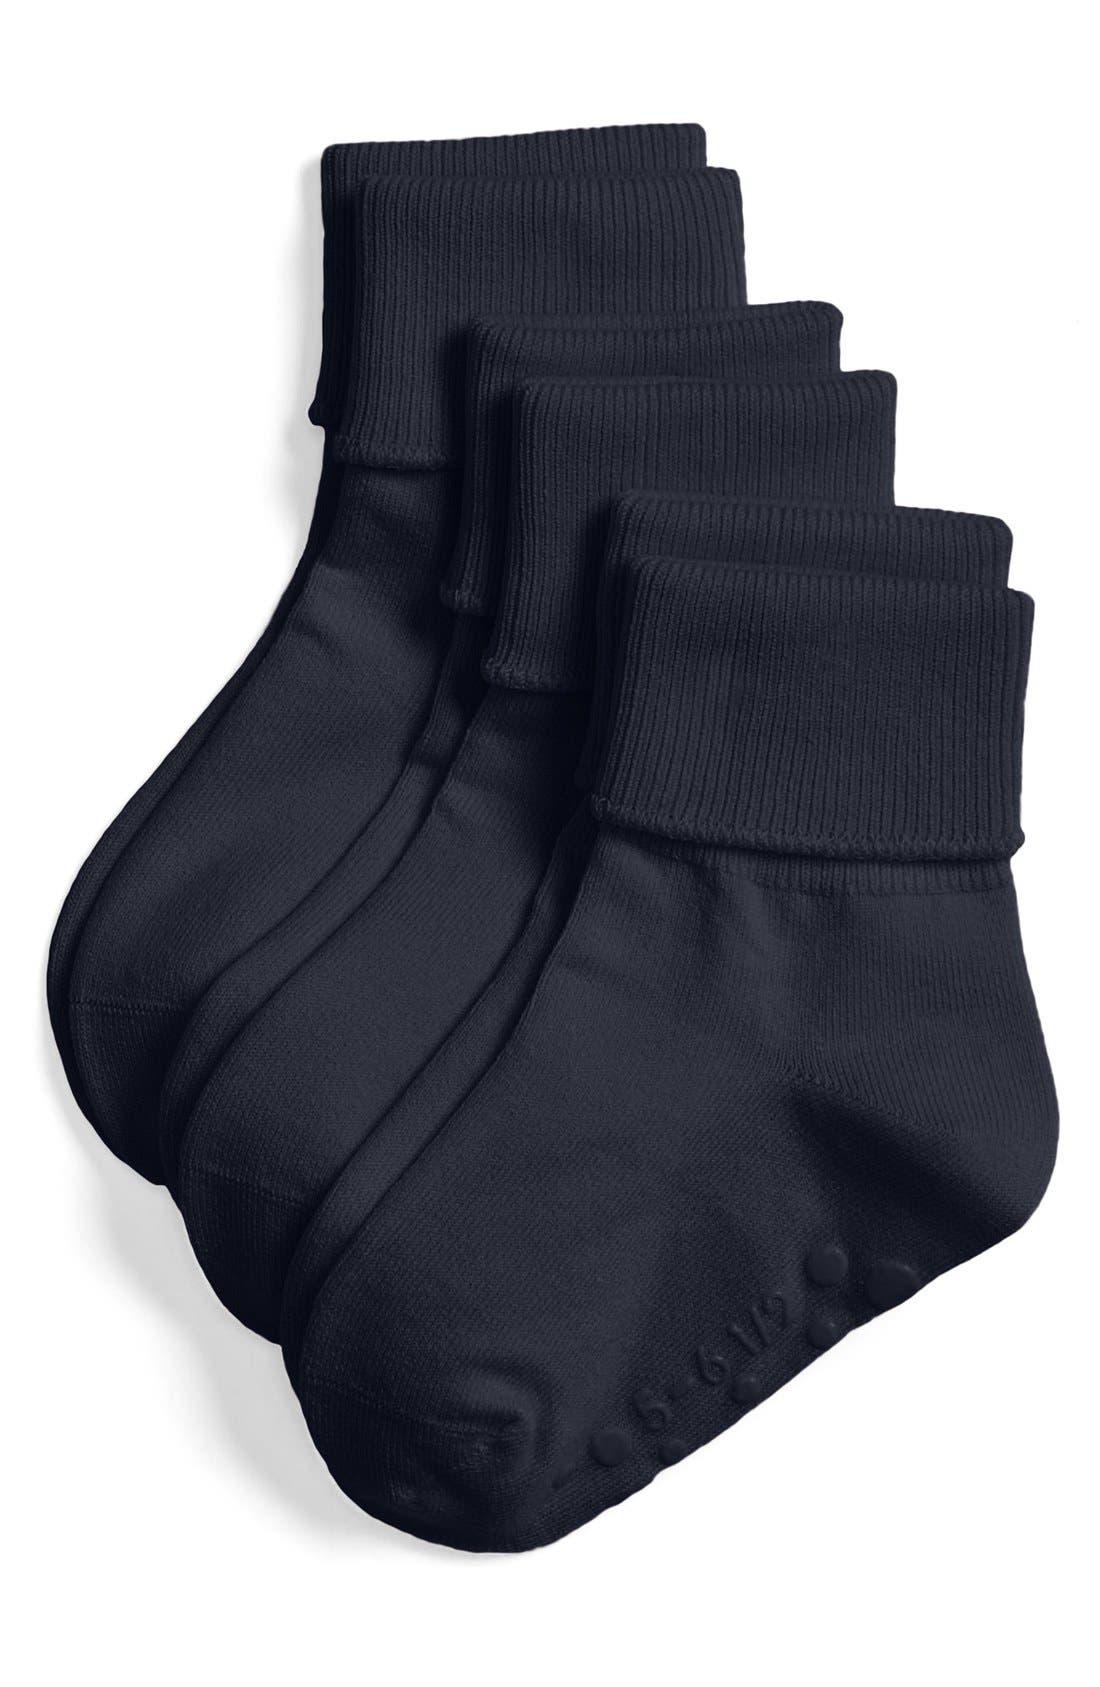 Alternate Image 1 Selected - Tucker + Tate Cotton Blend Socks (3-Pack) (Baby Girls, Toddler Girls, Little Girls & Big Girls)